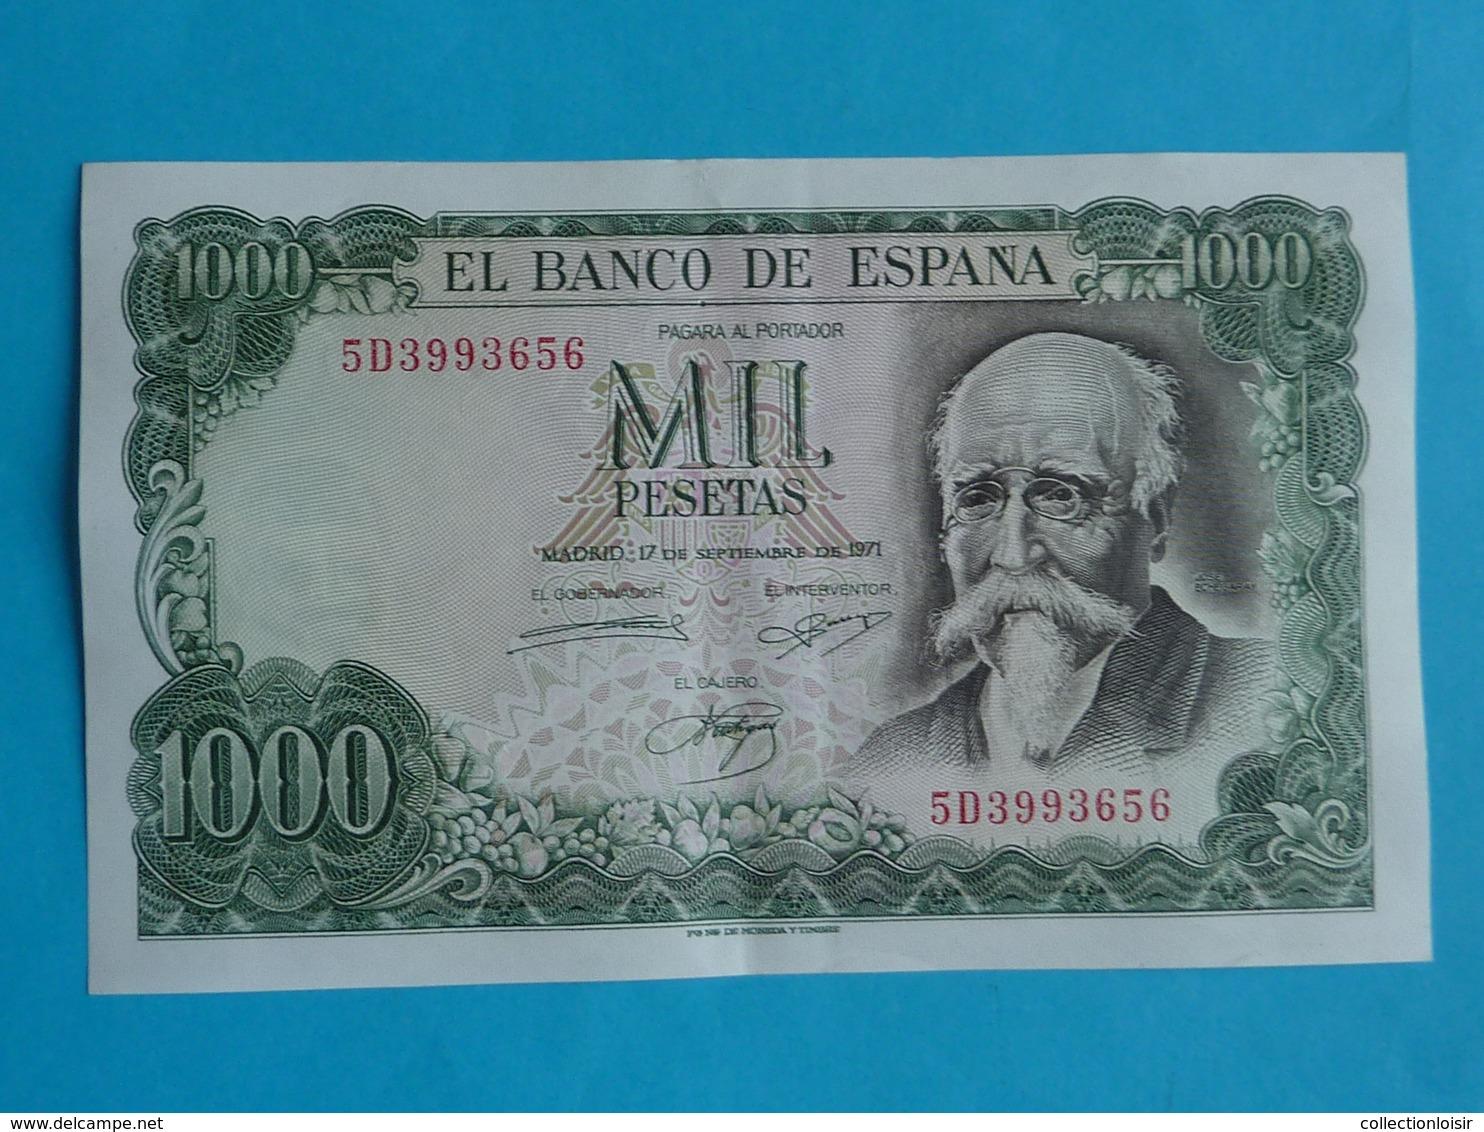 1000  PESETAS 17 SEPTEMBRE 1971 -  5 D 3993656 - [ 3] 1936-1975: Regime Van Franco